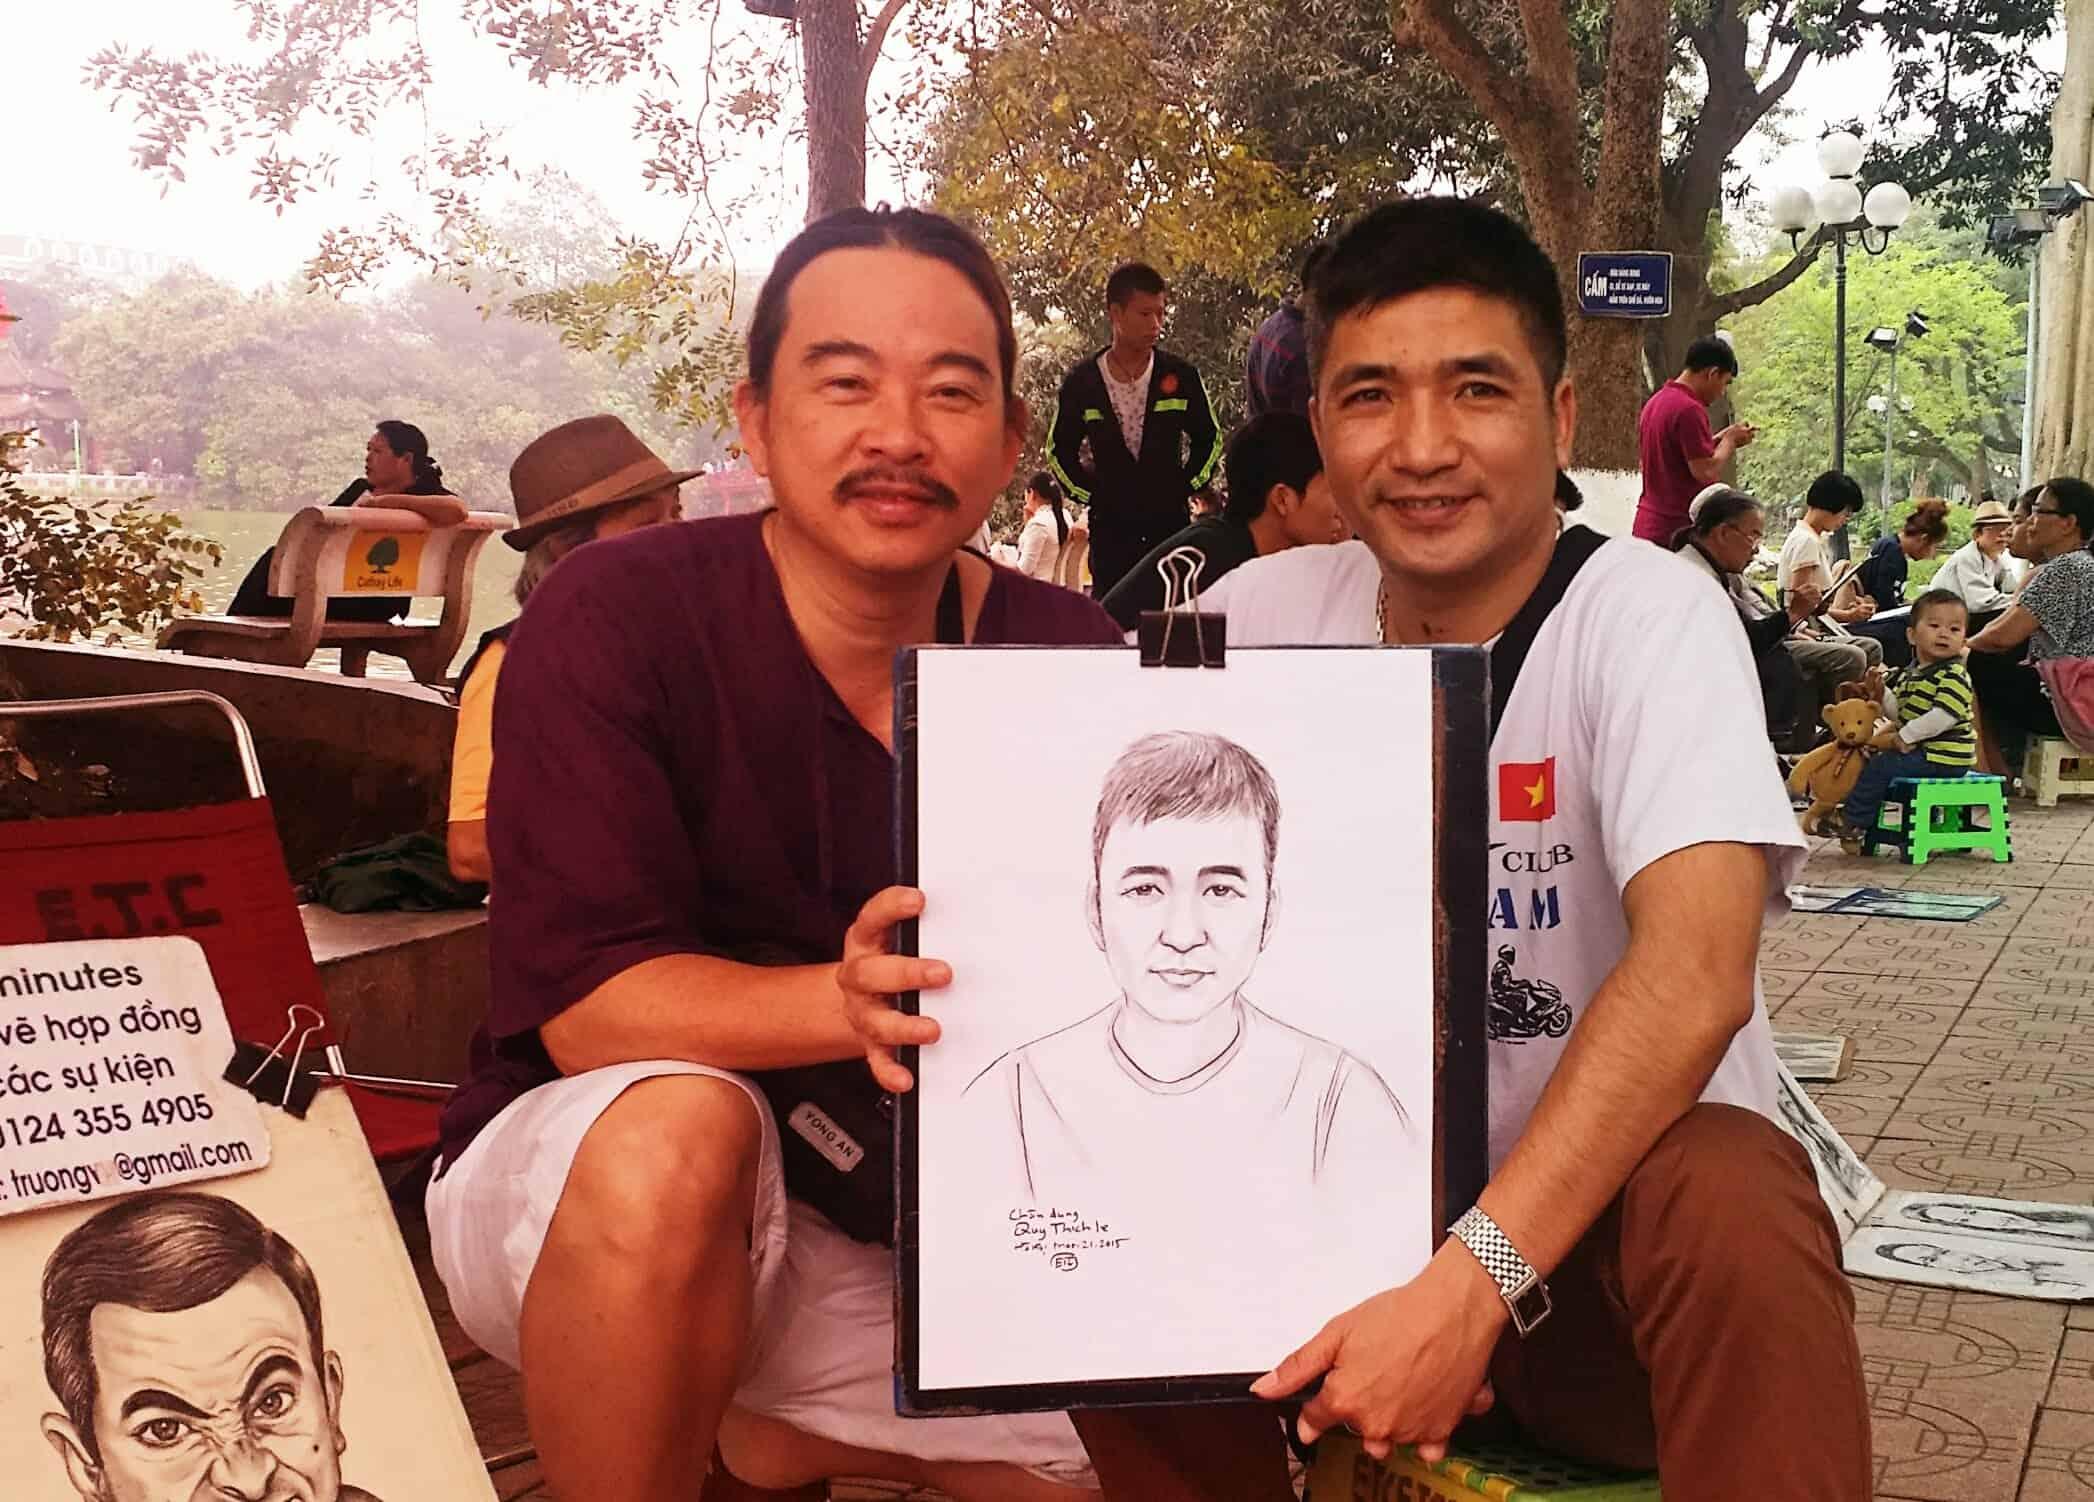 Vẽ chân dung tại phố đi bộ Hà Nội